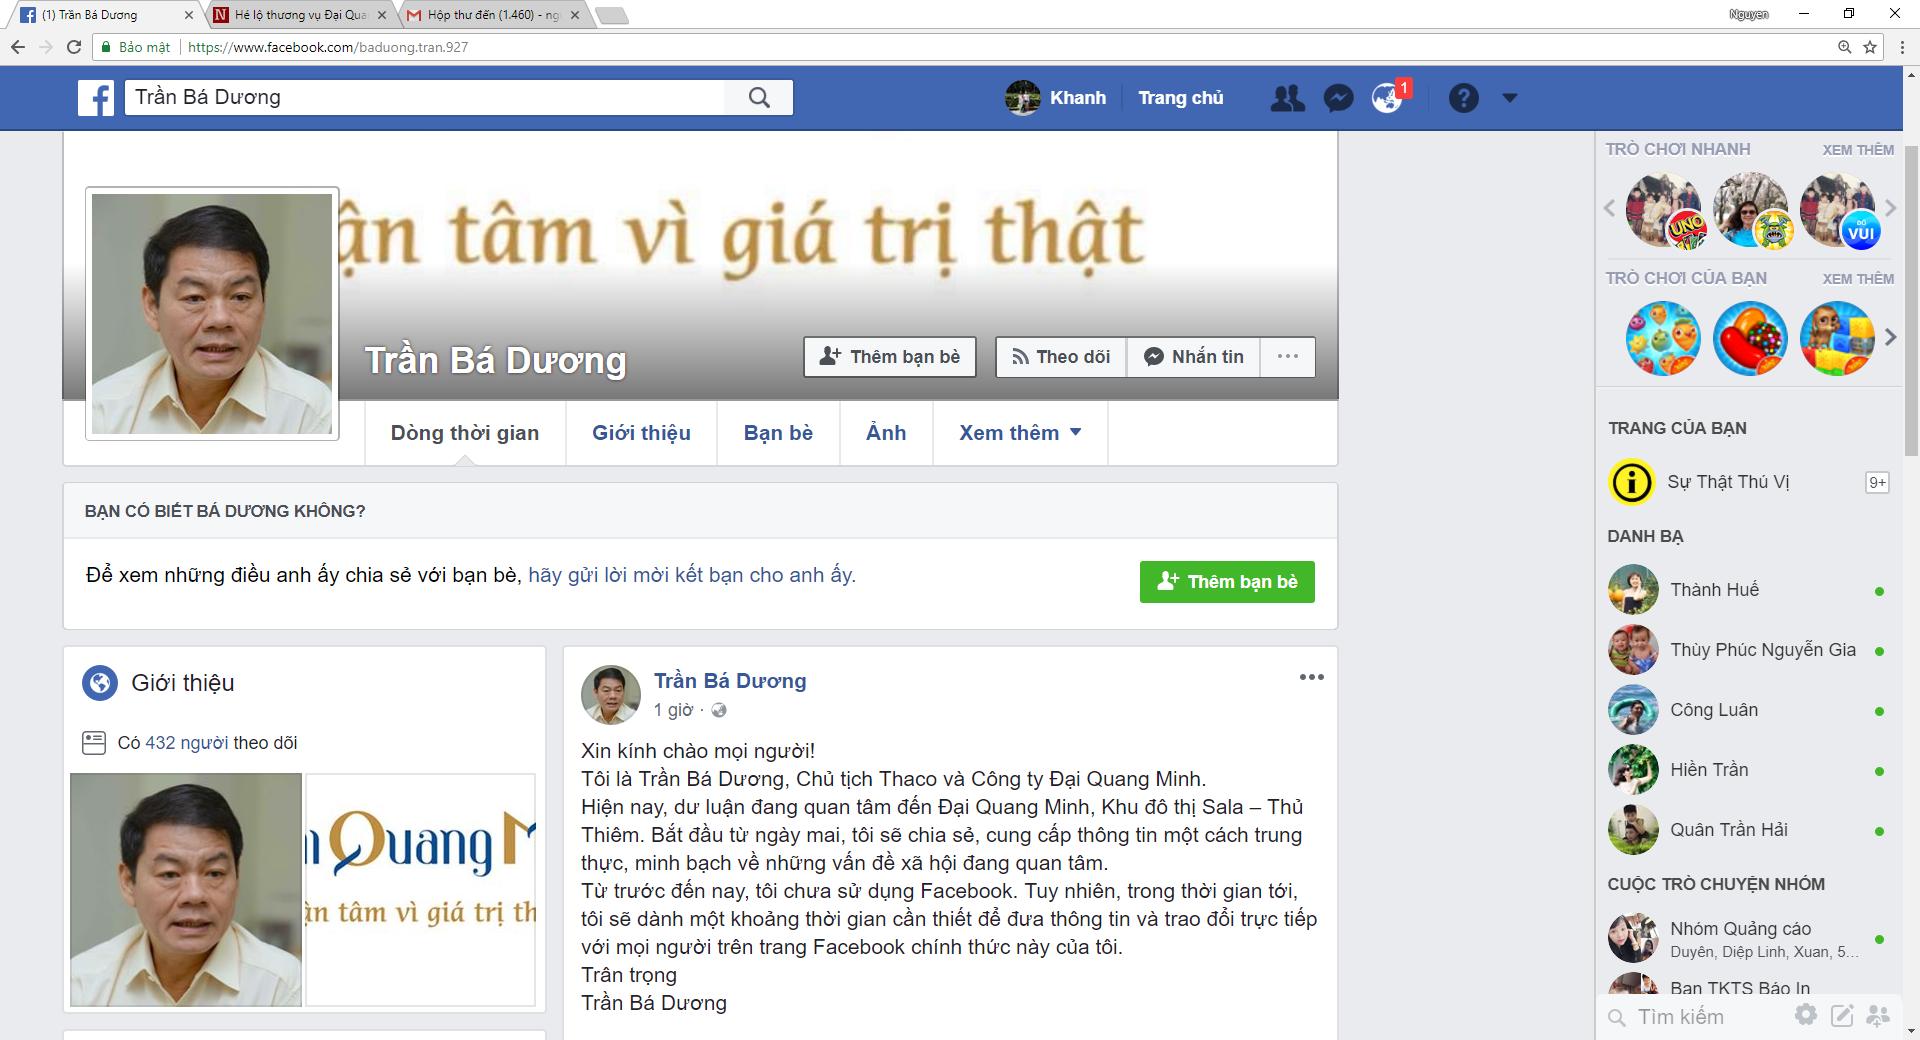 Facebook của ông Trần Bá Dương bị đánh sập sau khi lập 90 phút